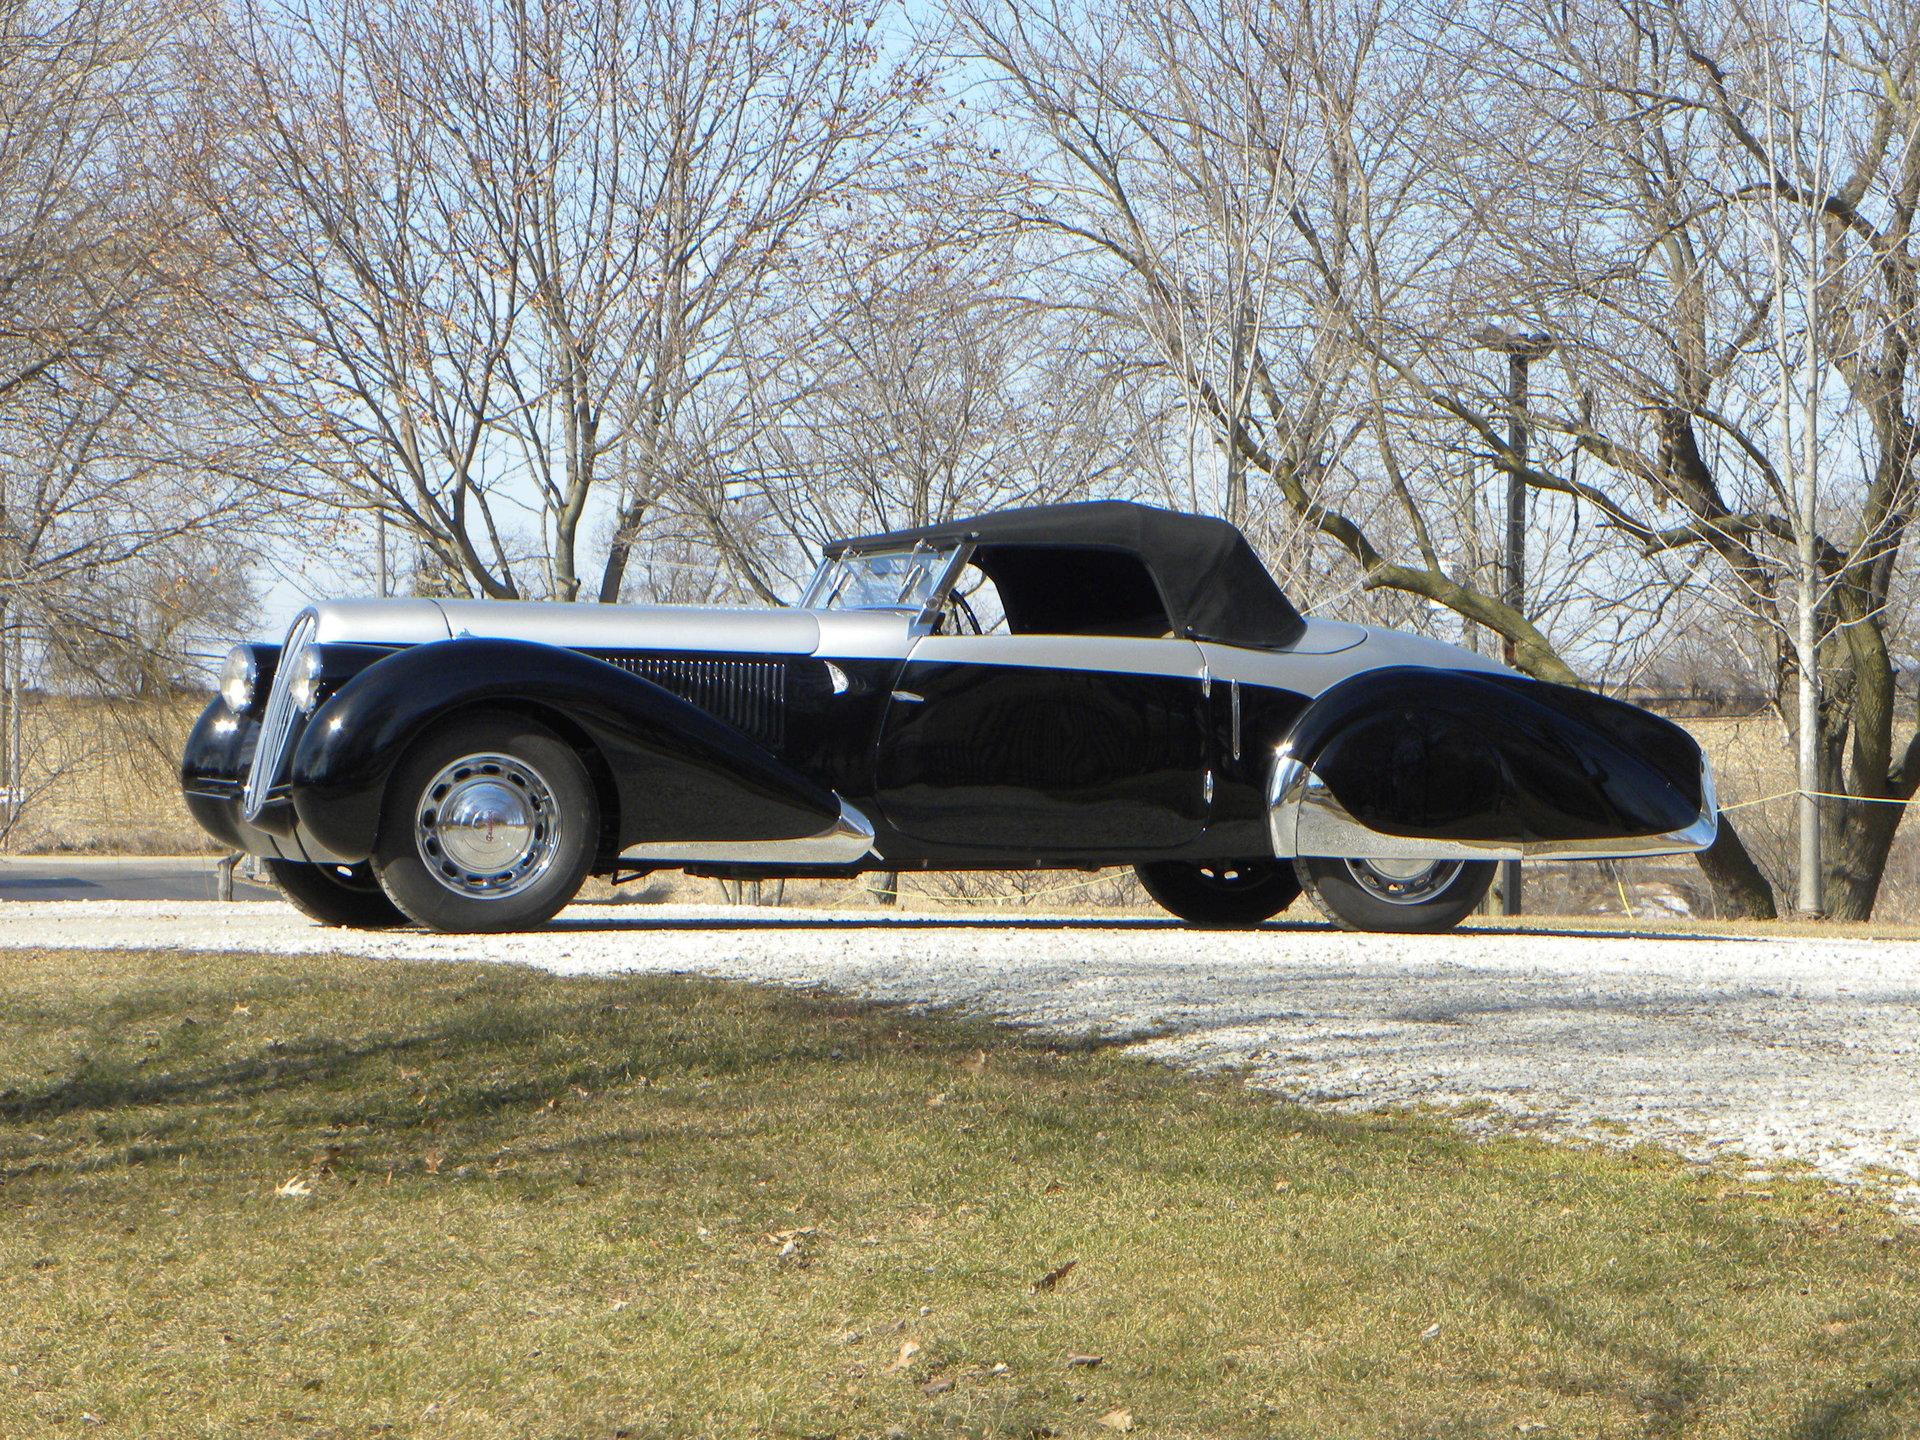 355569da32c7f9 hd 1937 peugeot model 402 pourtout cabriolet